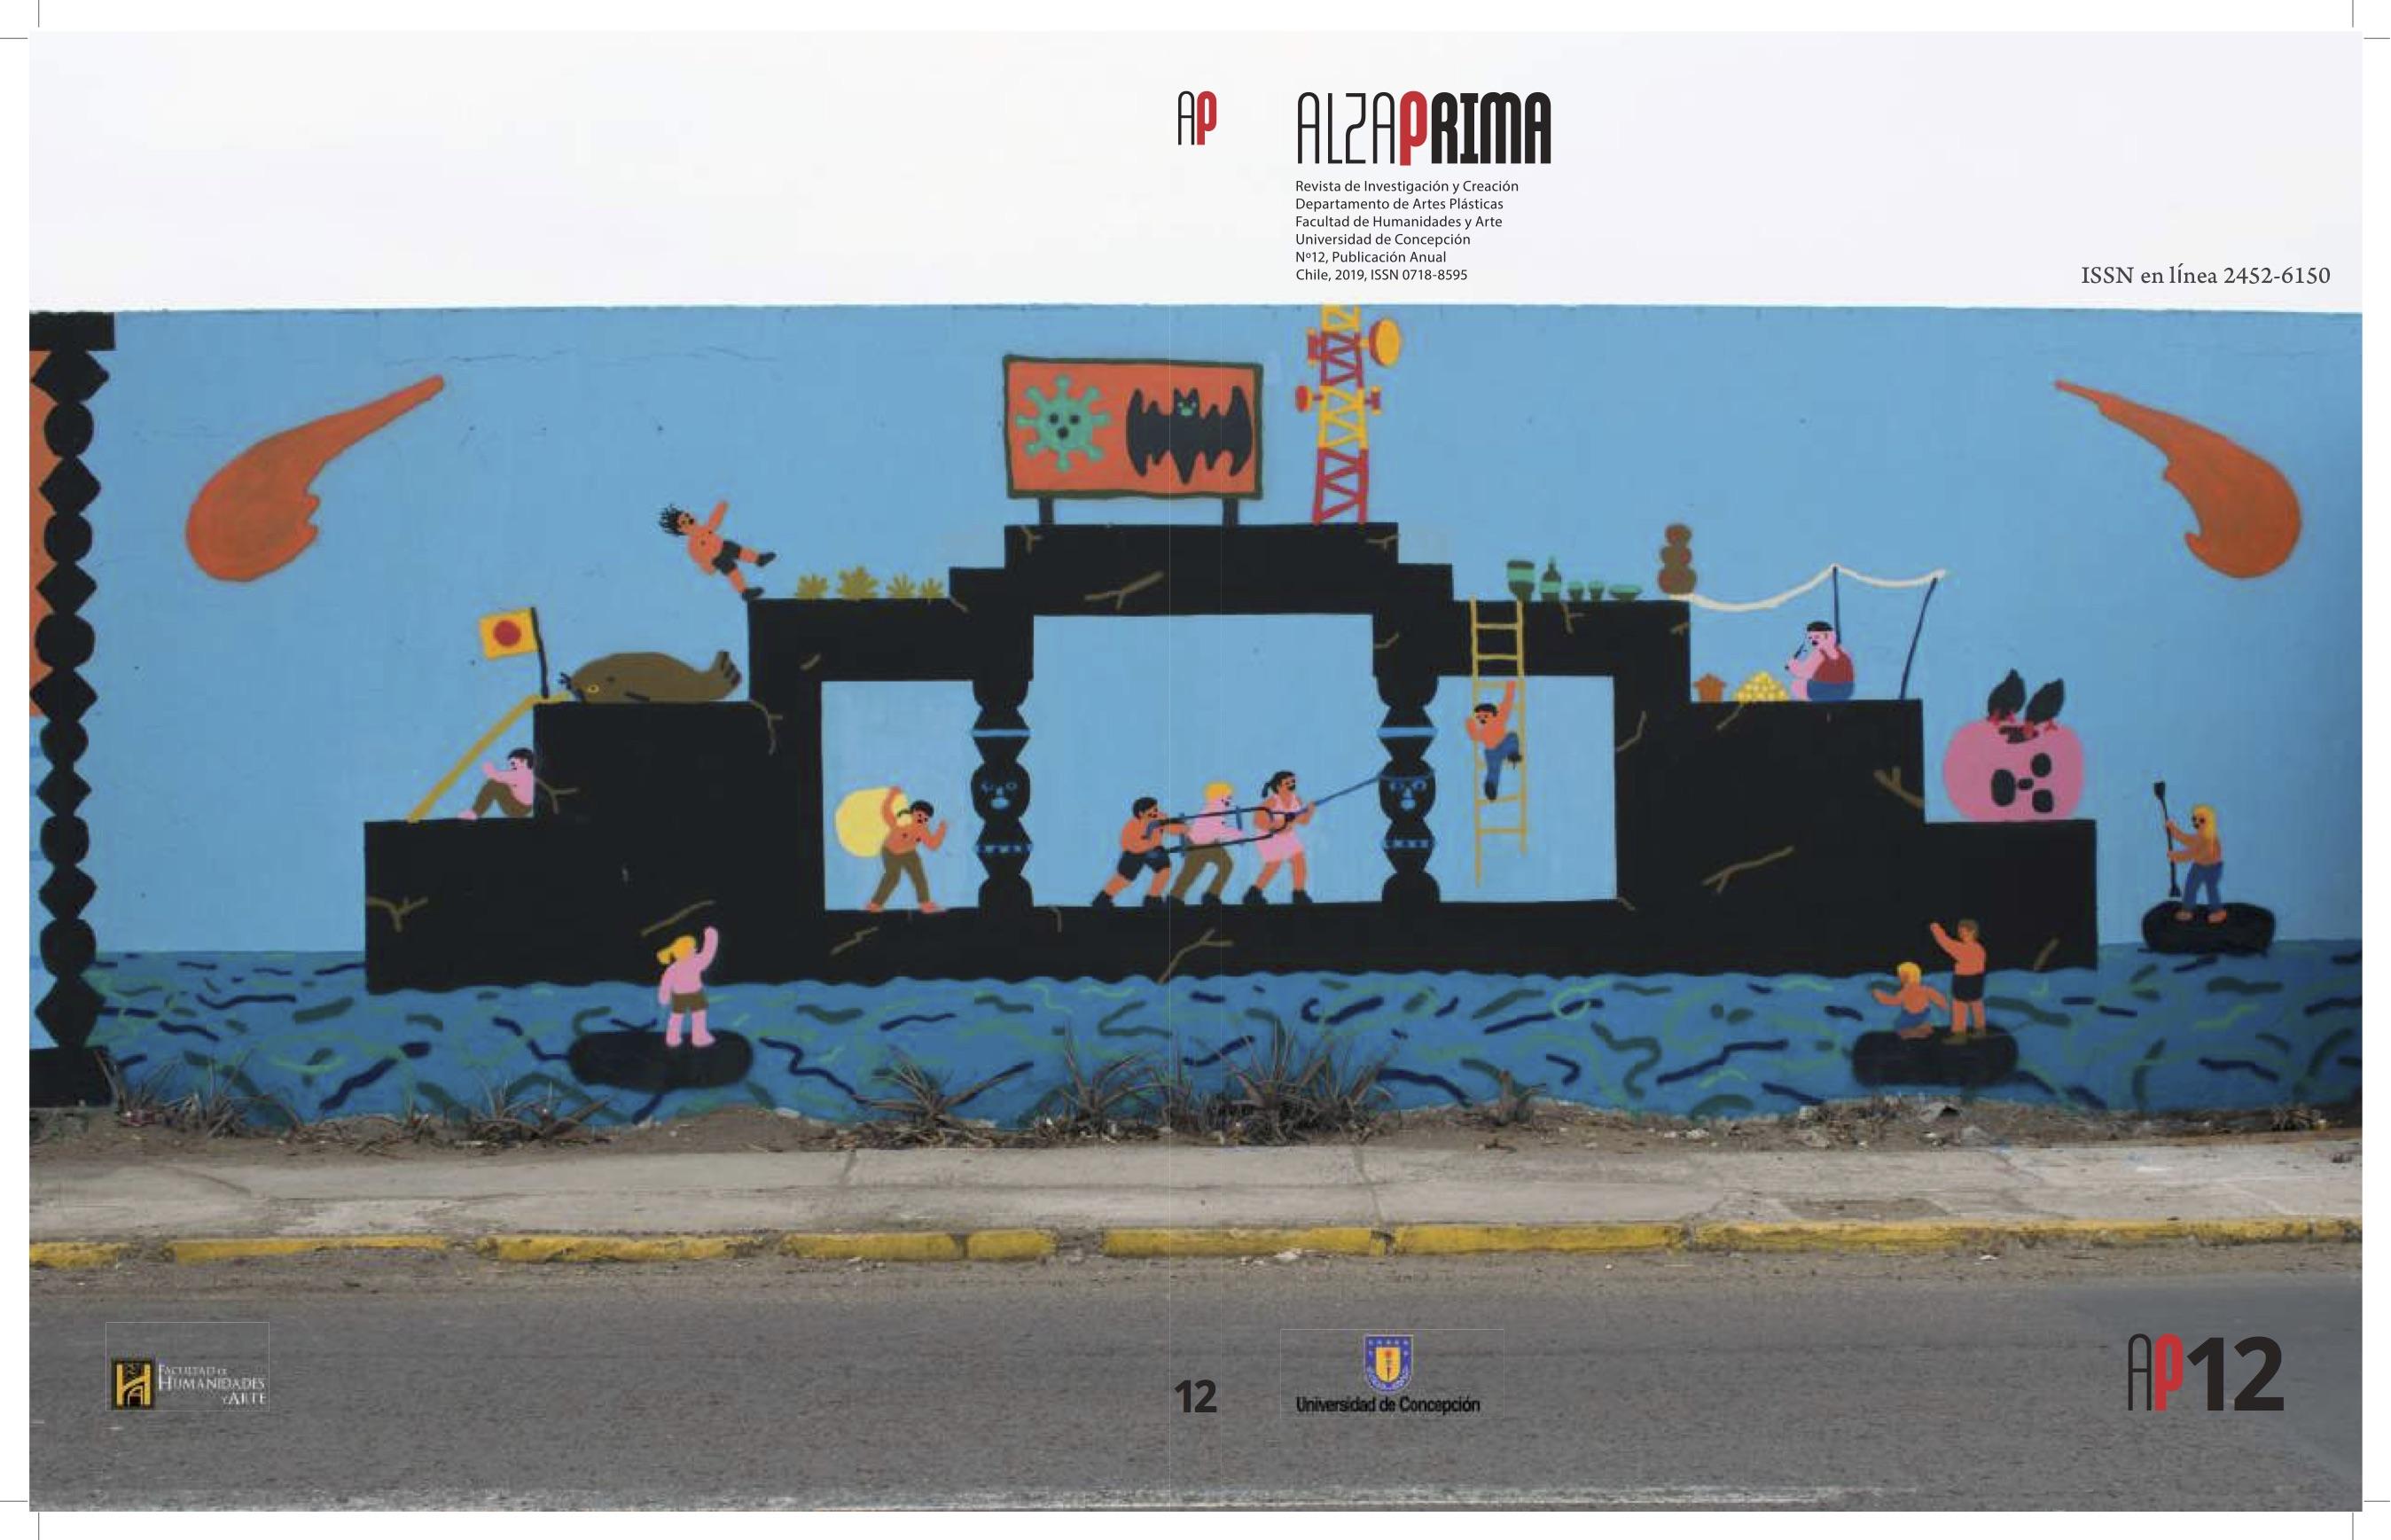 Portada | Mole de abrigo, Camilo Ortega, 2020. Iquique, Chile.